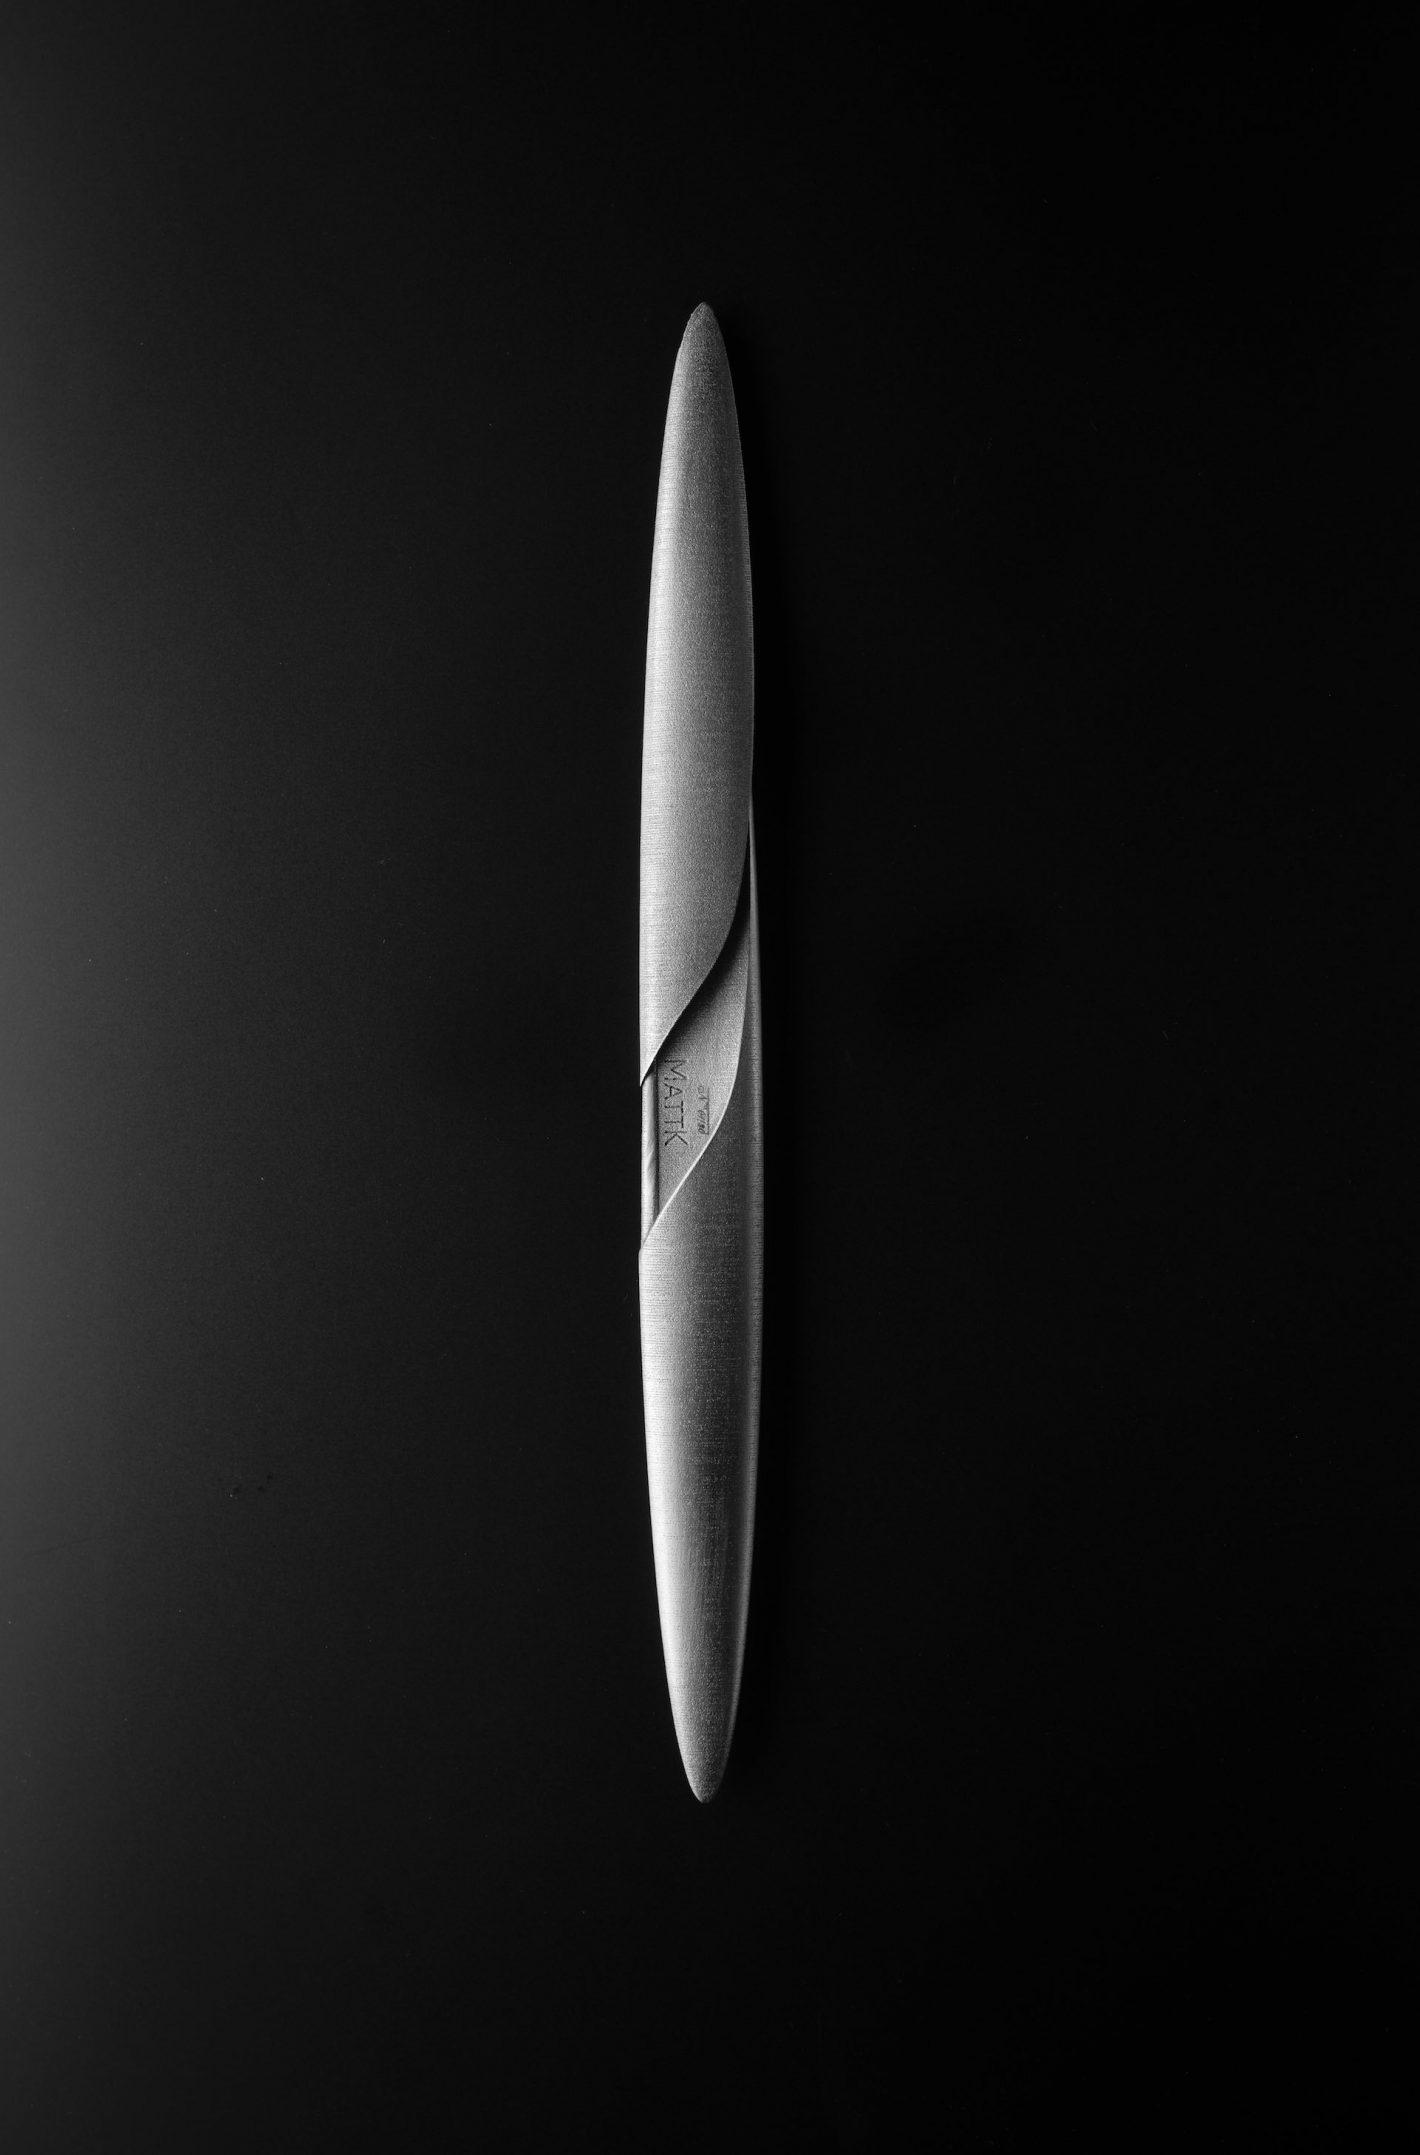 design, nikon, photographie culinaire